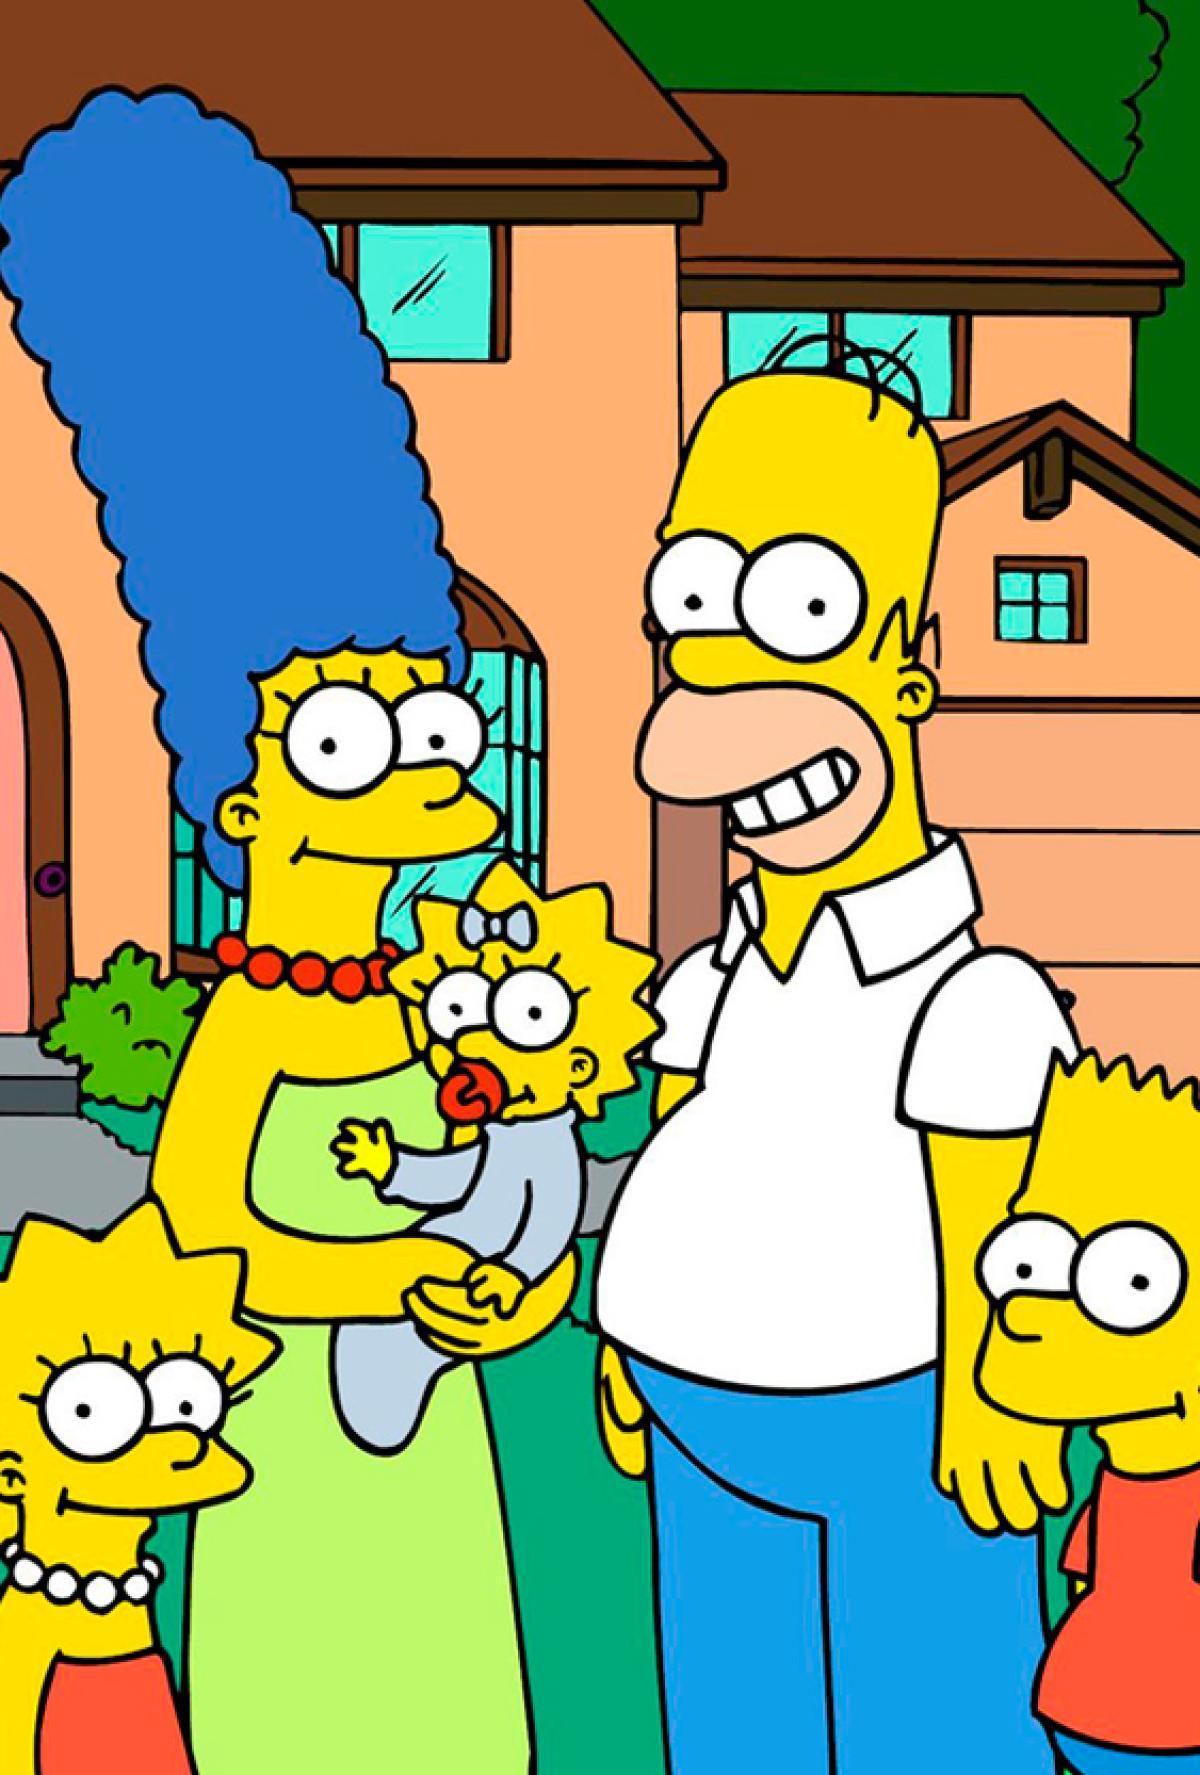 Los Simpson Serie Tv Críticas Noticias Novedades Y Opiniones Series En Hobbyconsolas